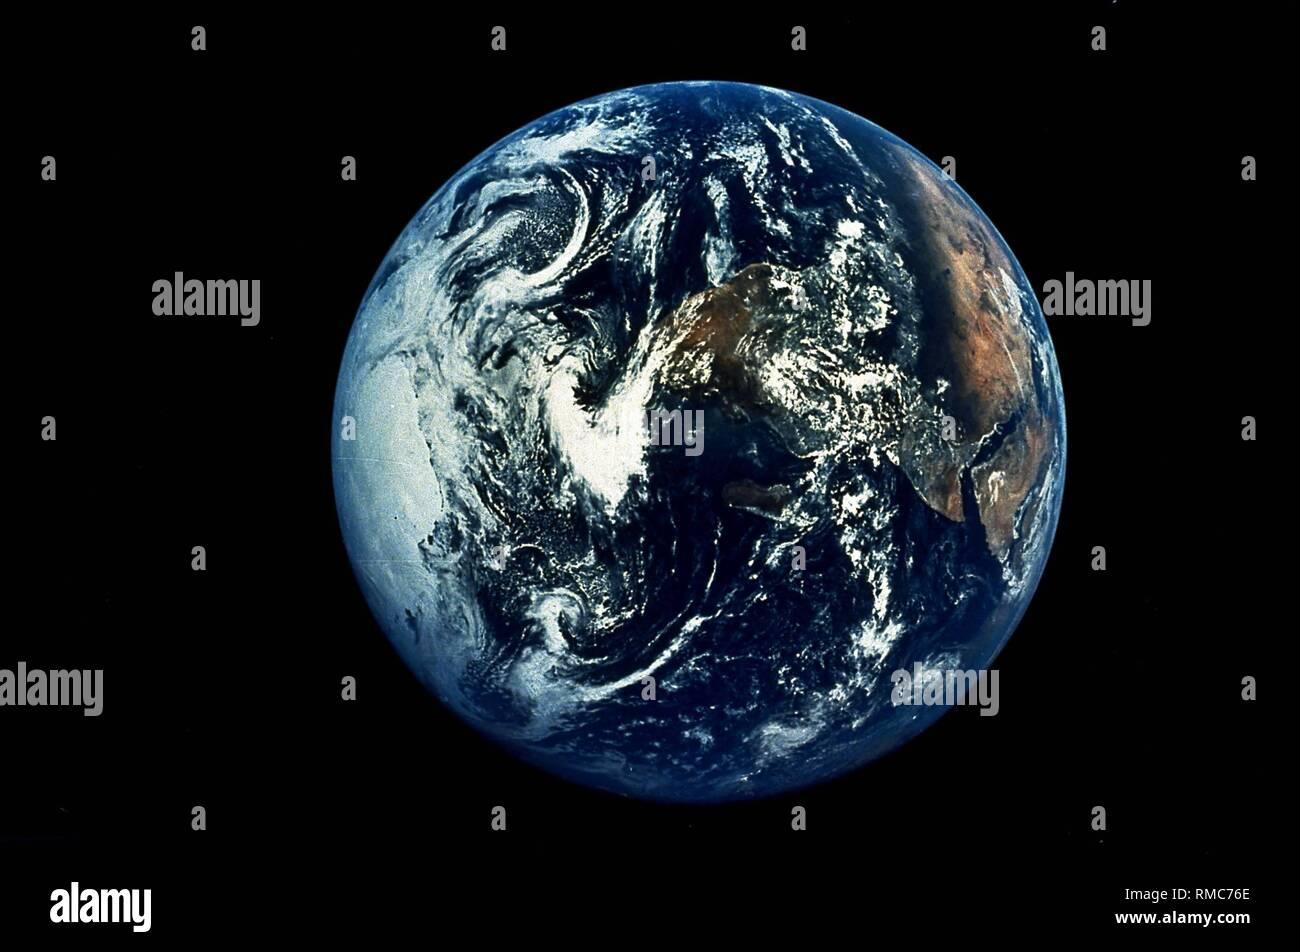 Il pianeta terra come una sfera solida sulla quale in Arabia Saudita, in Africa e in Antartide può essere riconosciuta. La foto è stata scattata durante la missione Apollo 17 nel dicembre 1972. Immagini Stock